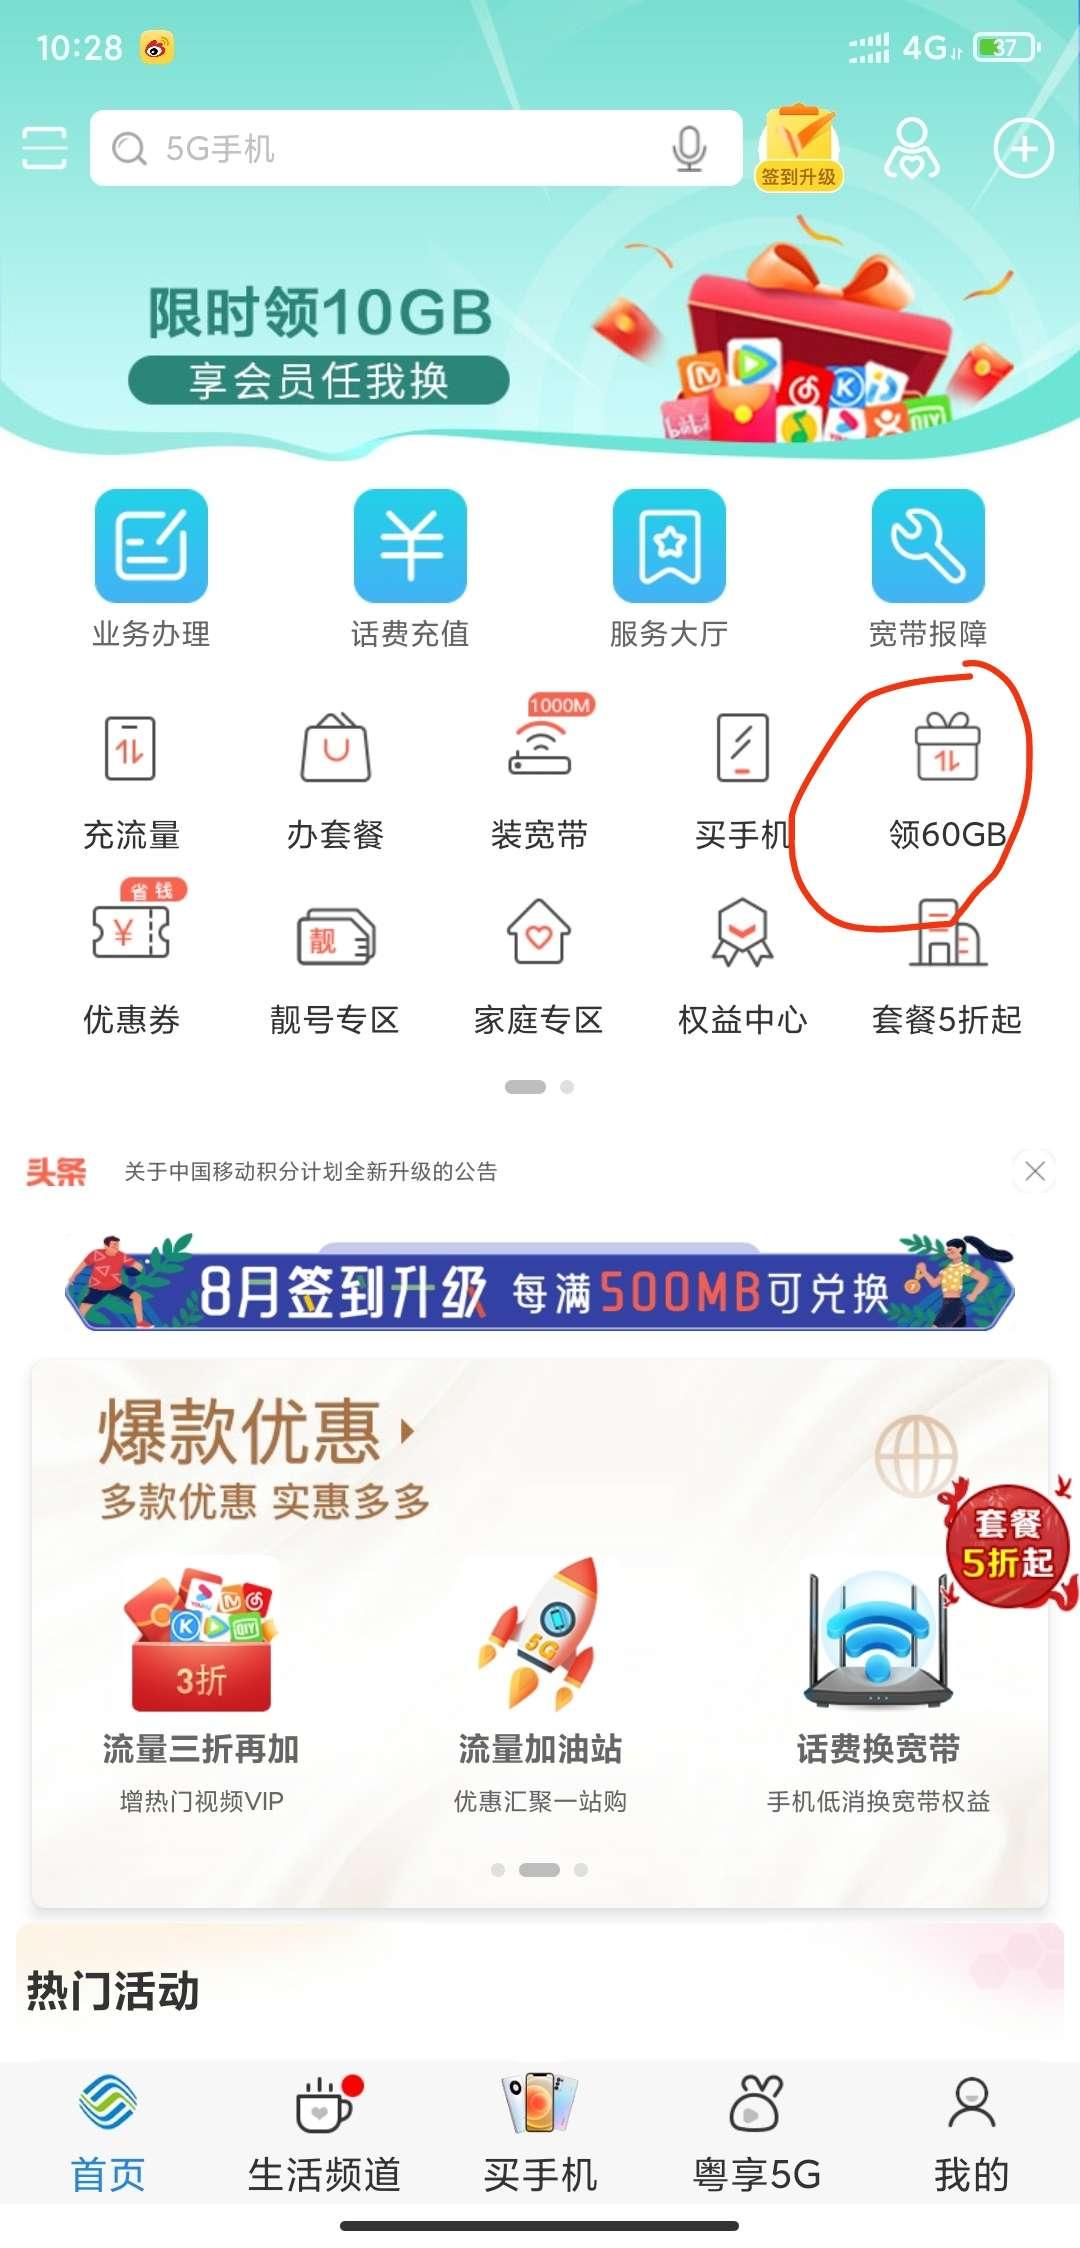 广东移动60G插图